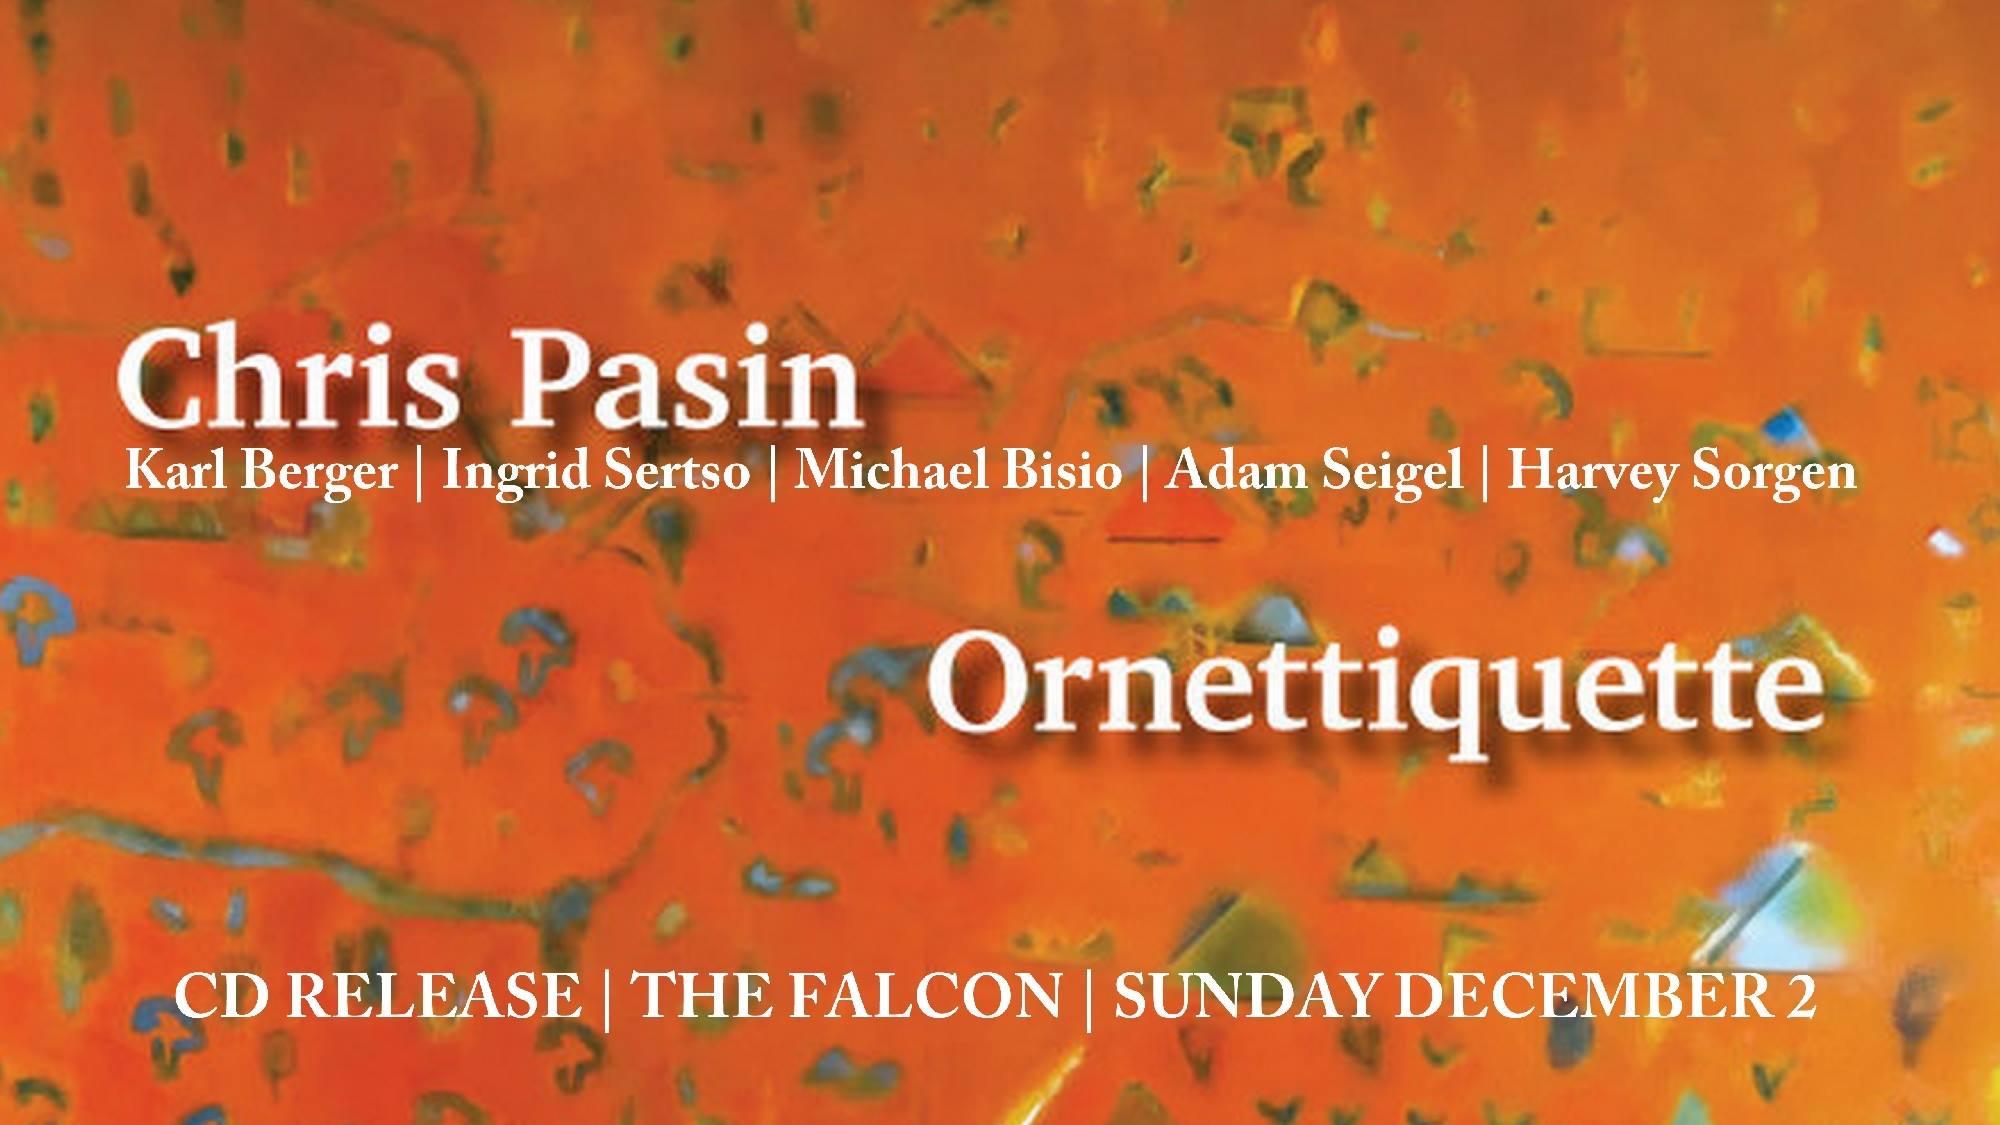 Ornettiquette CD Release Show